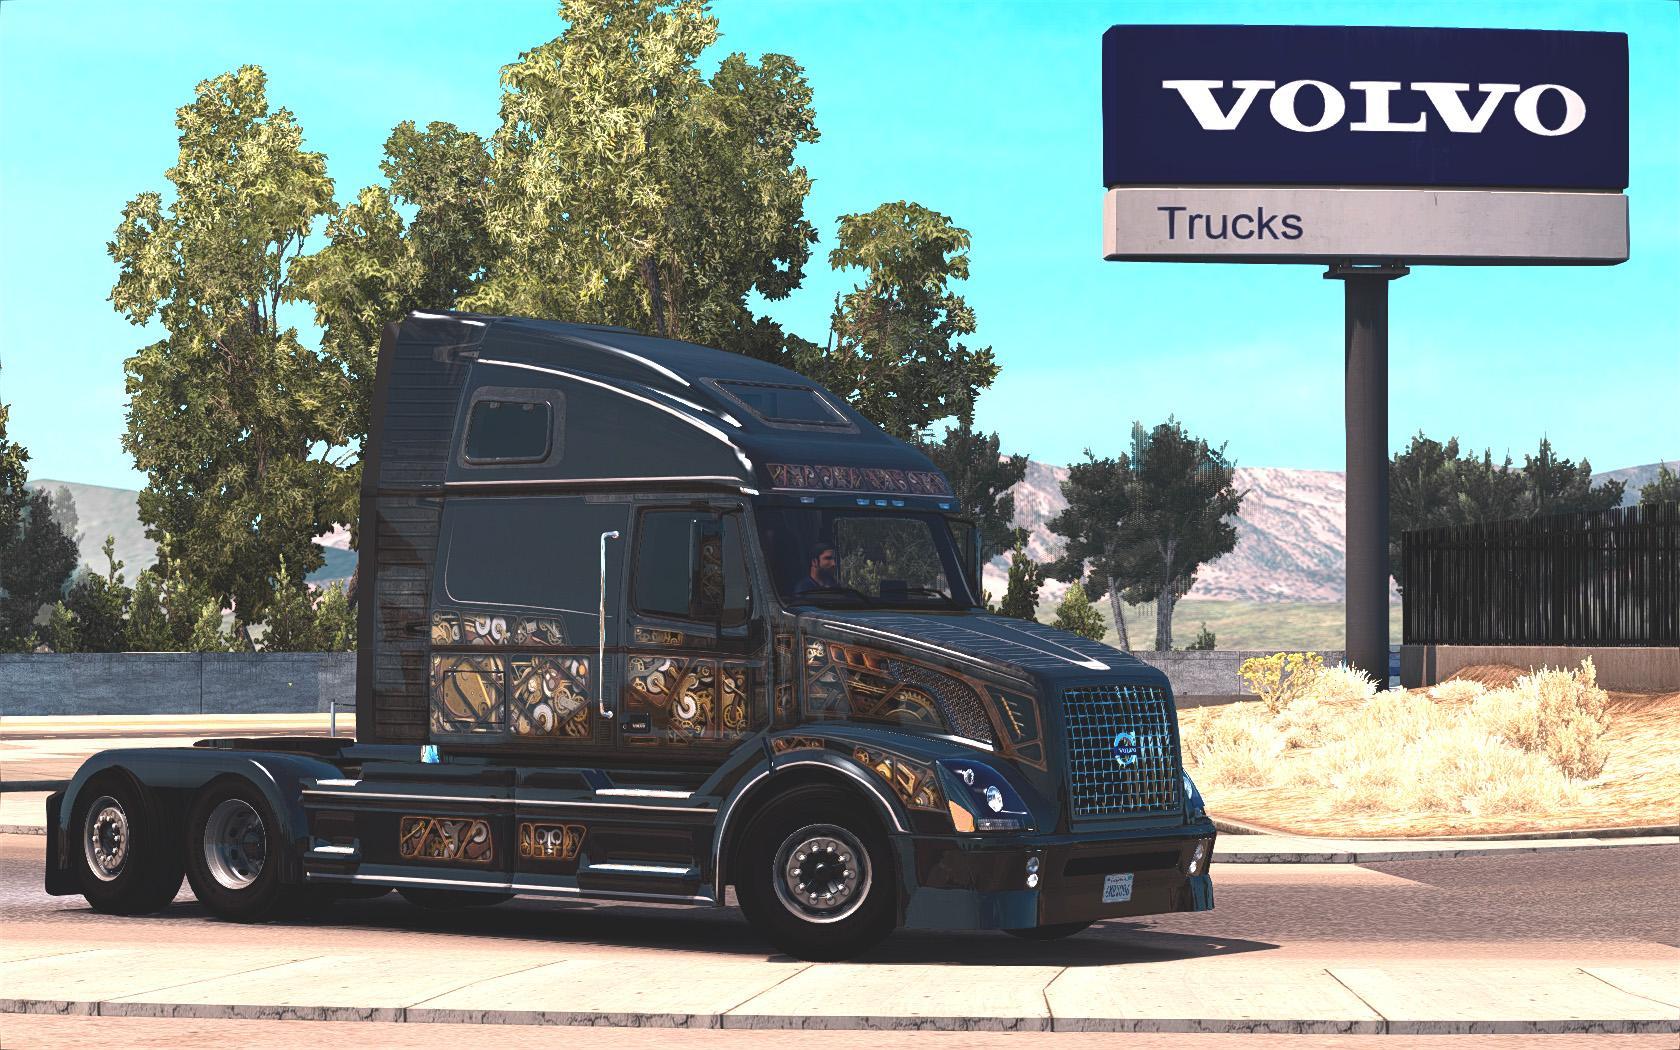 Volvo VNL670 v1.5.1 by Aradeth